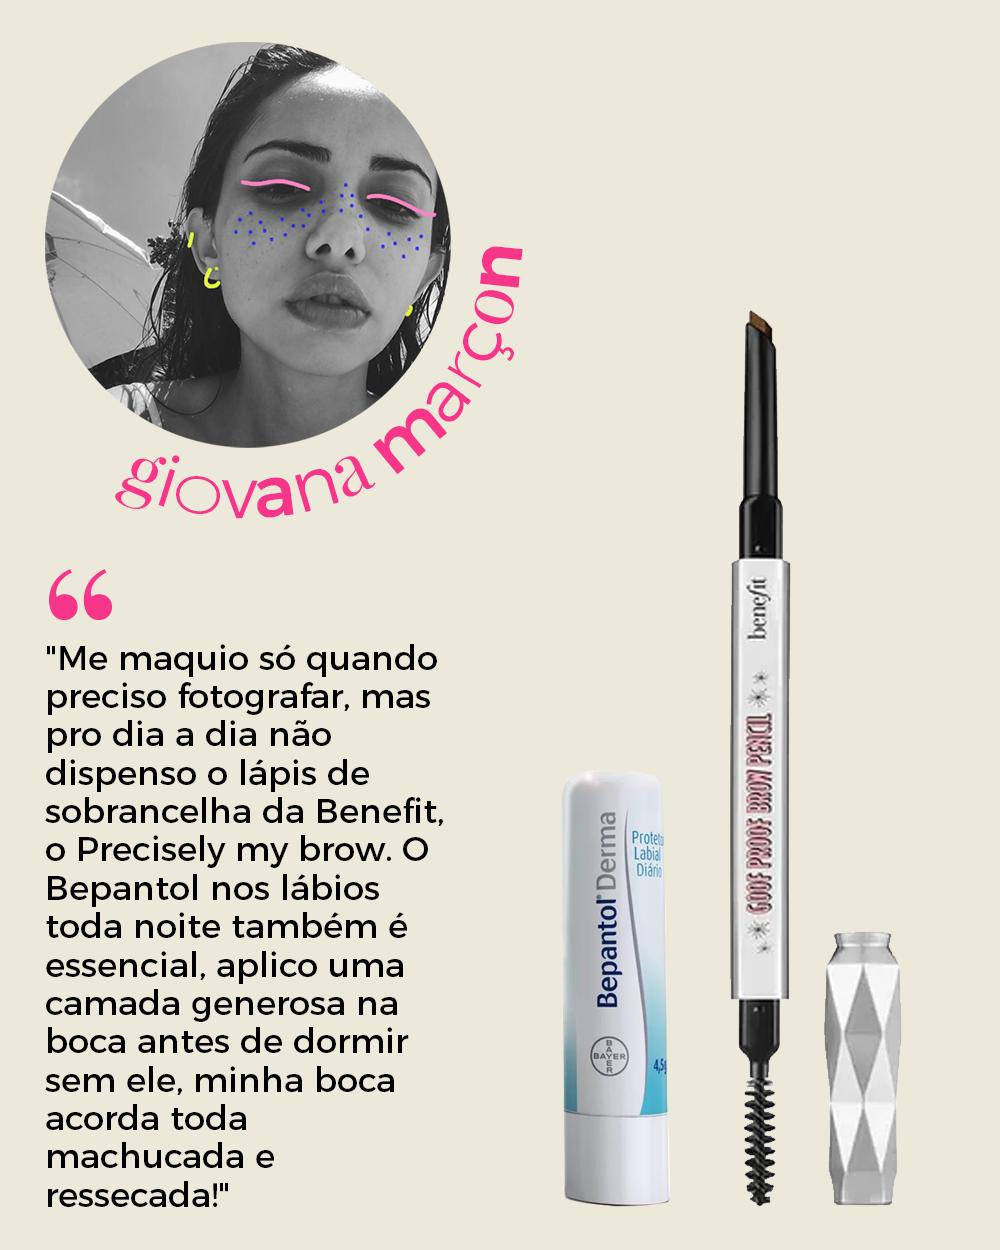 Giovana Marçon - produtos de beleza -      -      -      - https://stealthelook.com.br